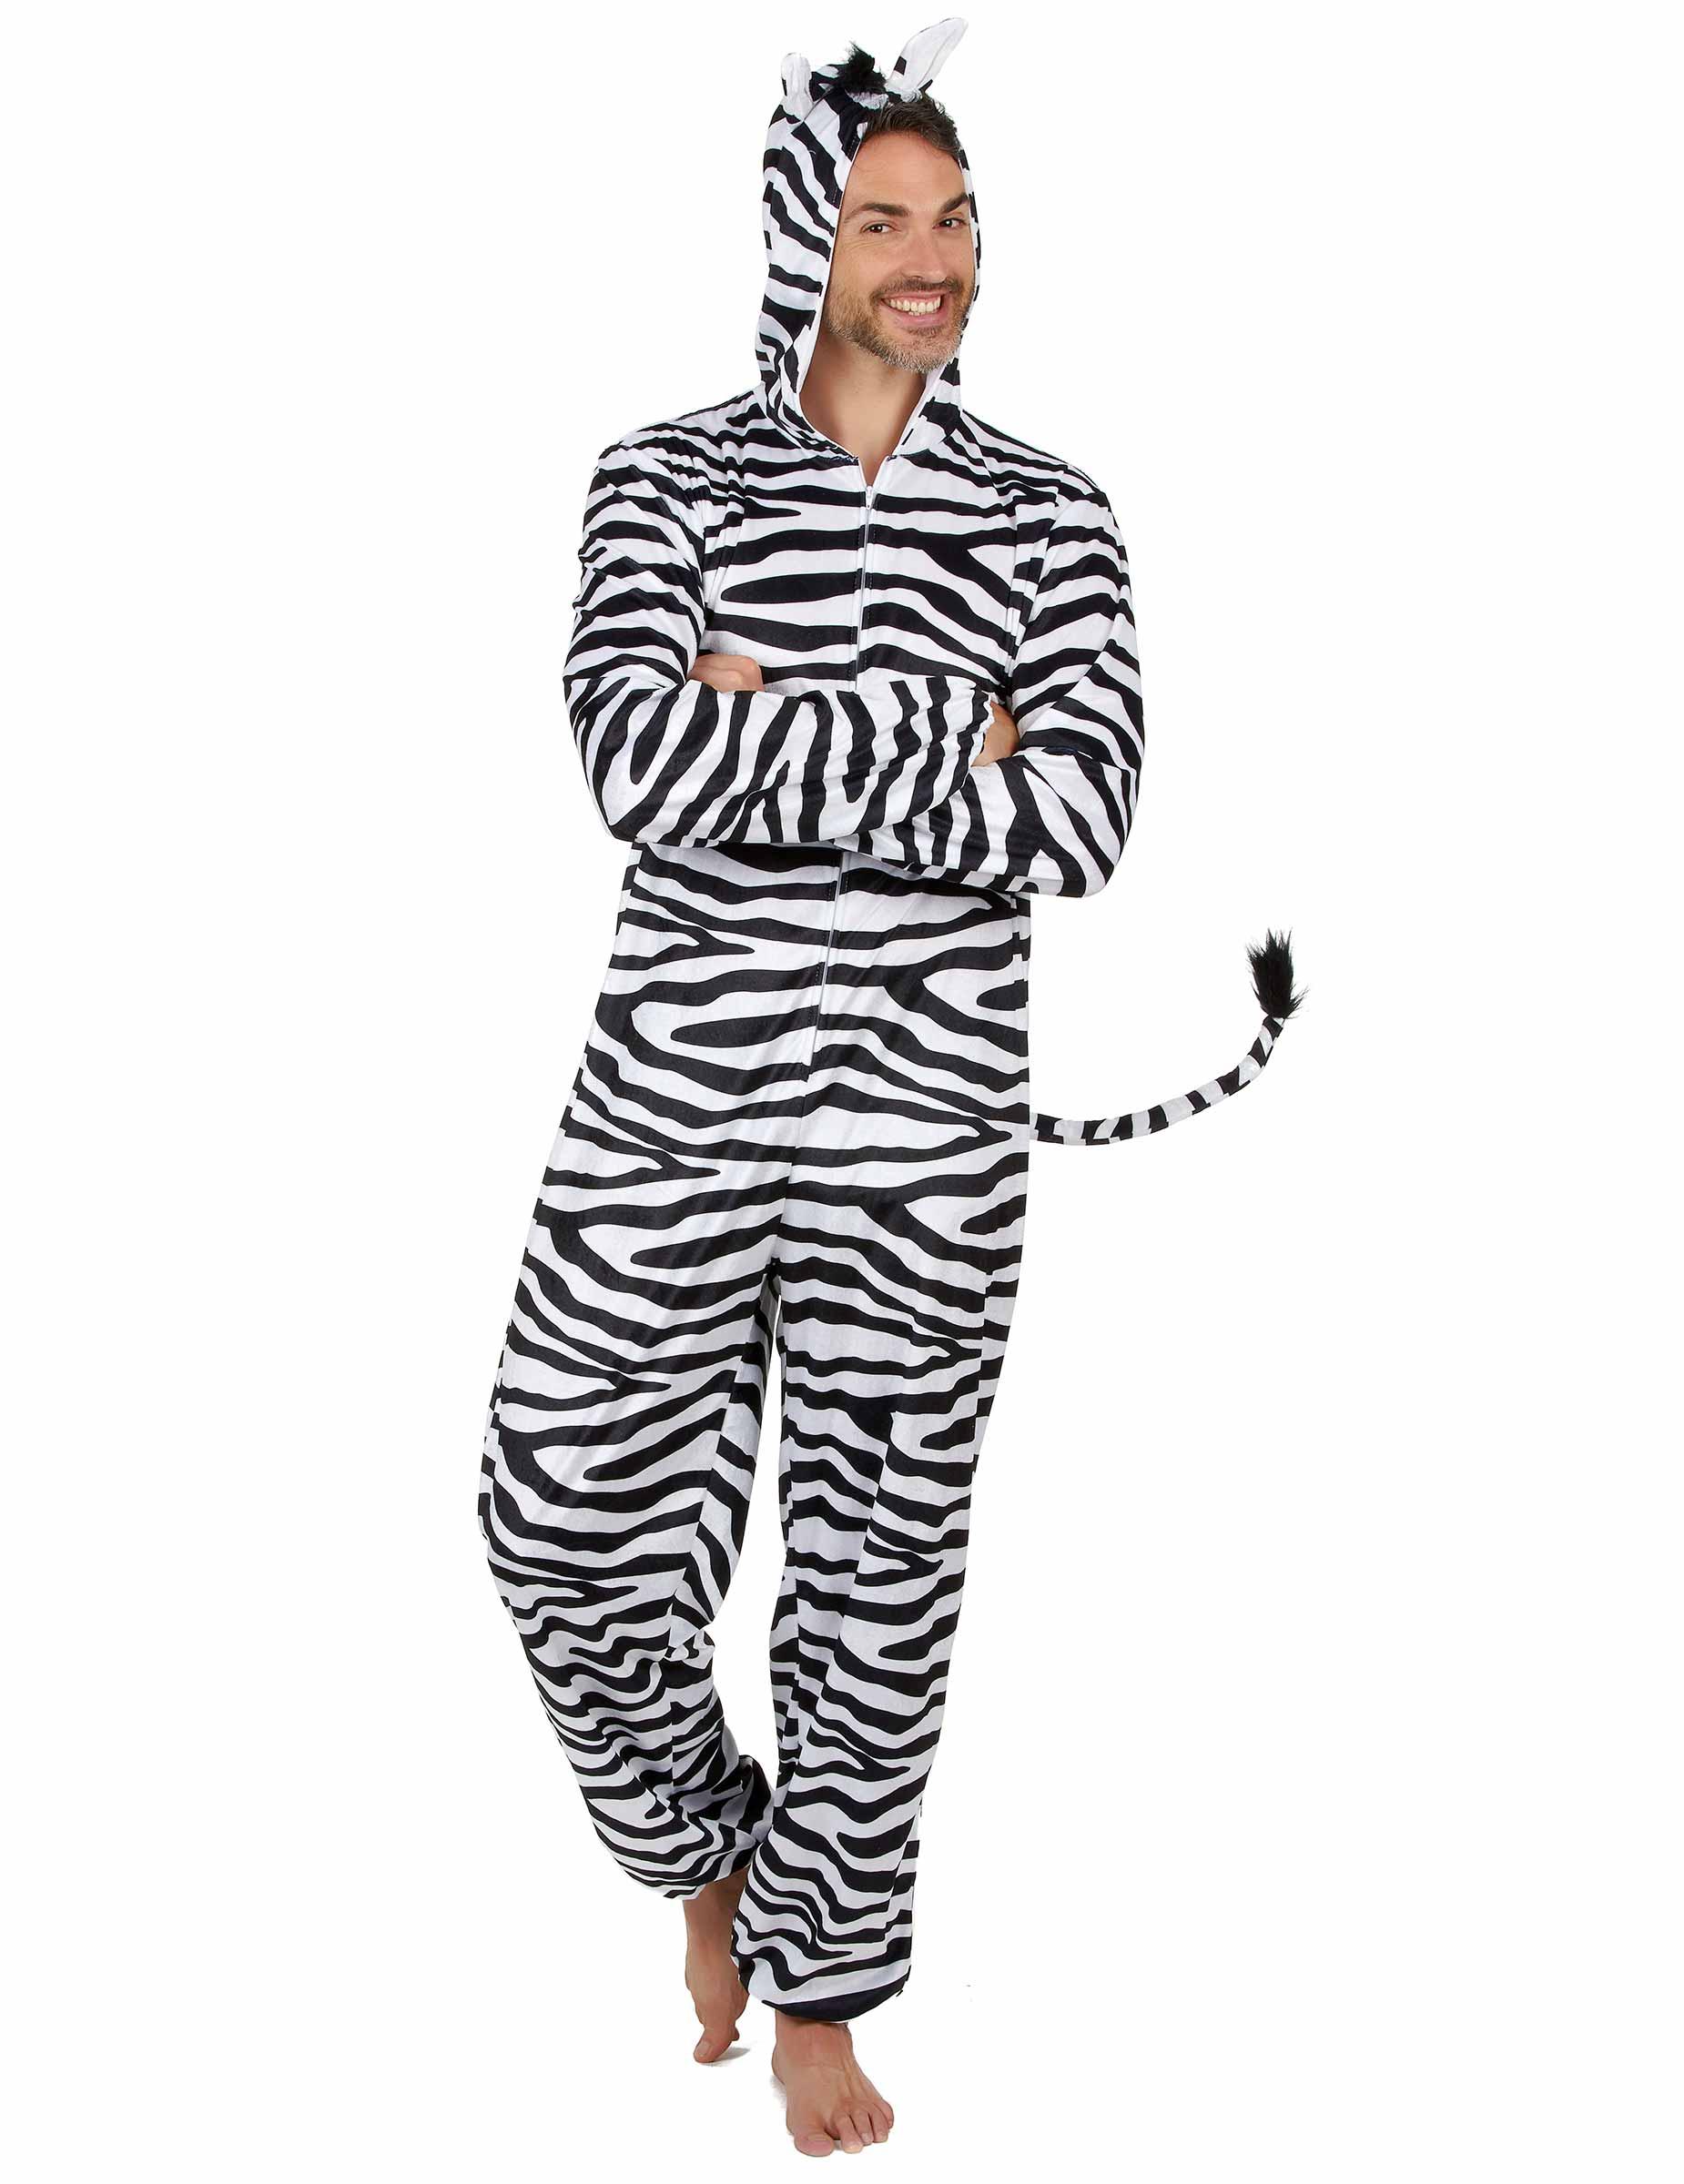 Zebra Herrenkostum Karneval Tierkostum Weiss Schwarz Gunstige